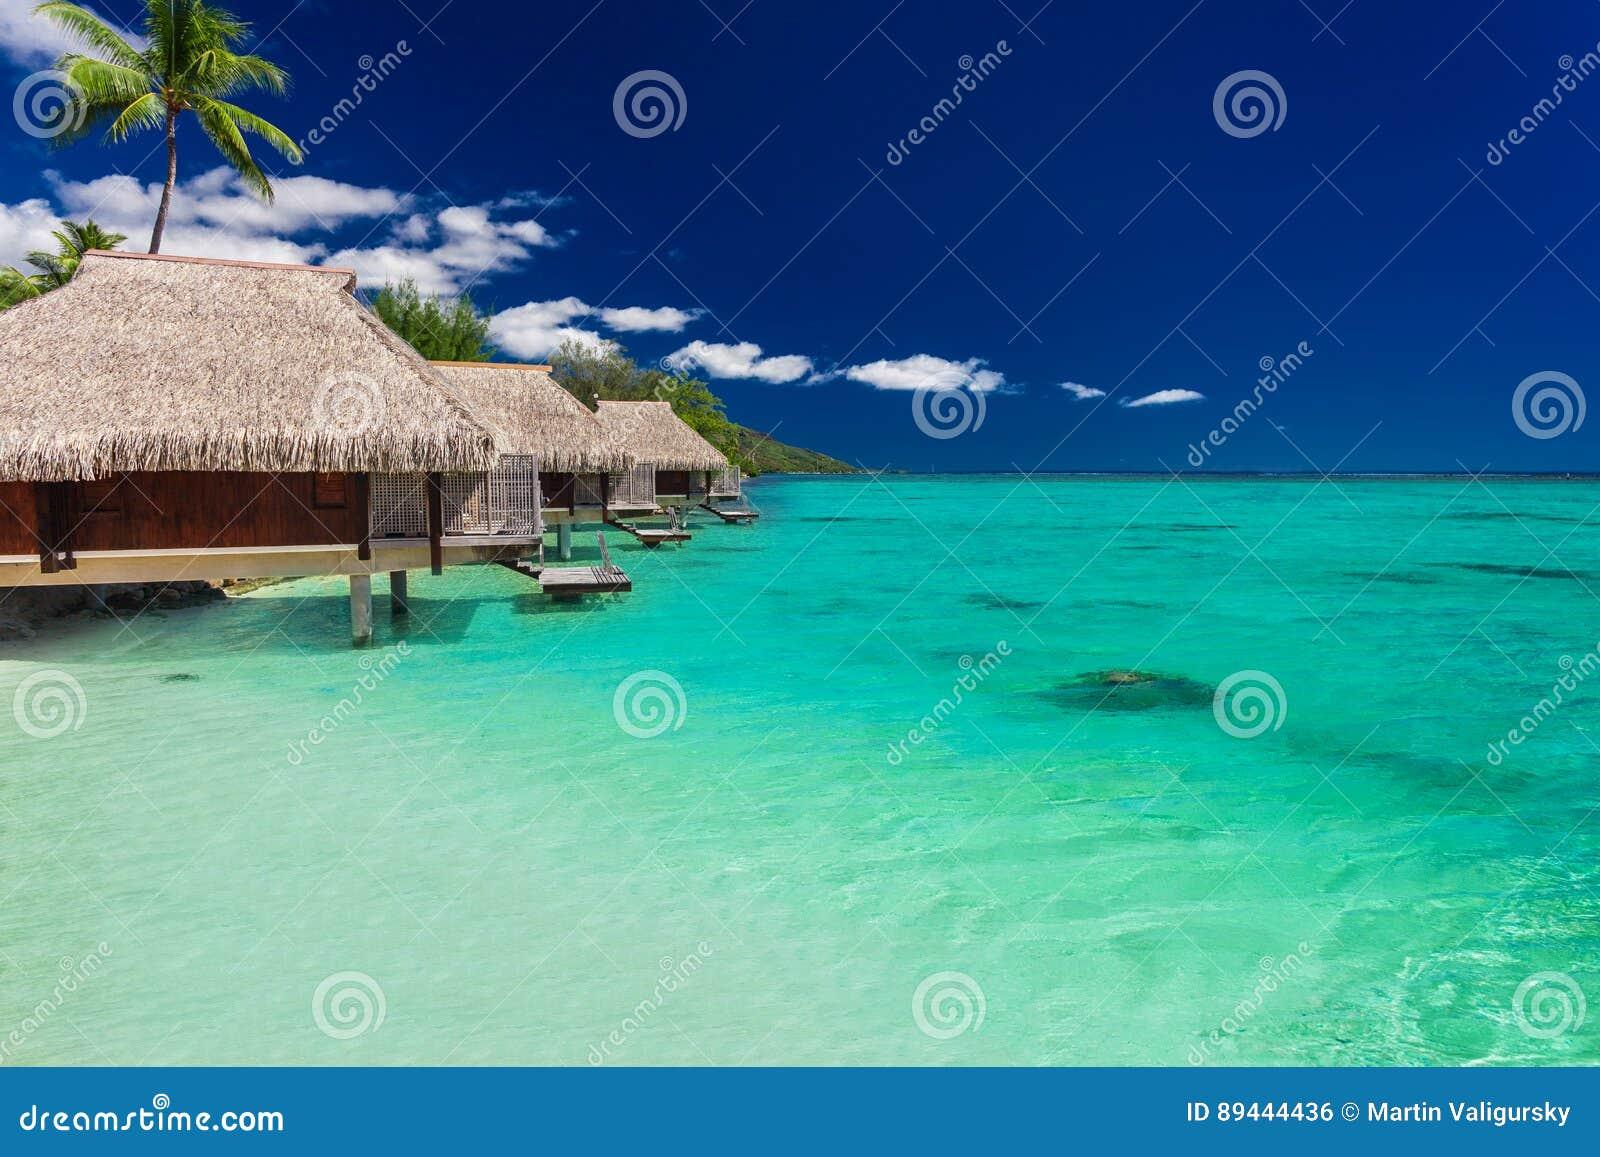 Beste overwaterbungalowwen op een tropisch eiland met trillend strand